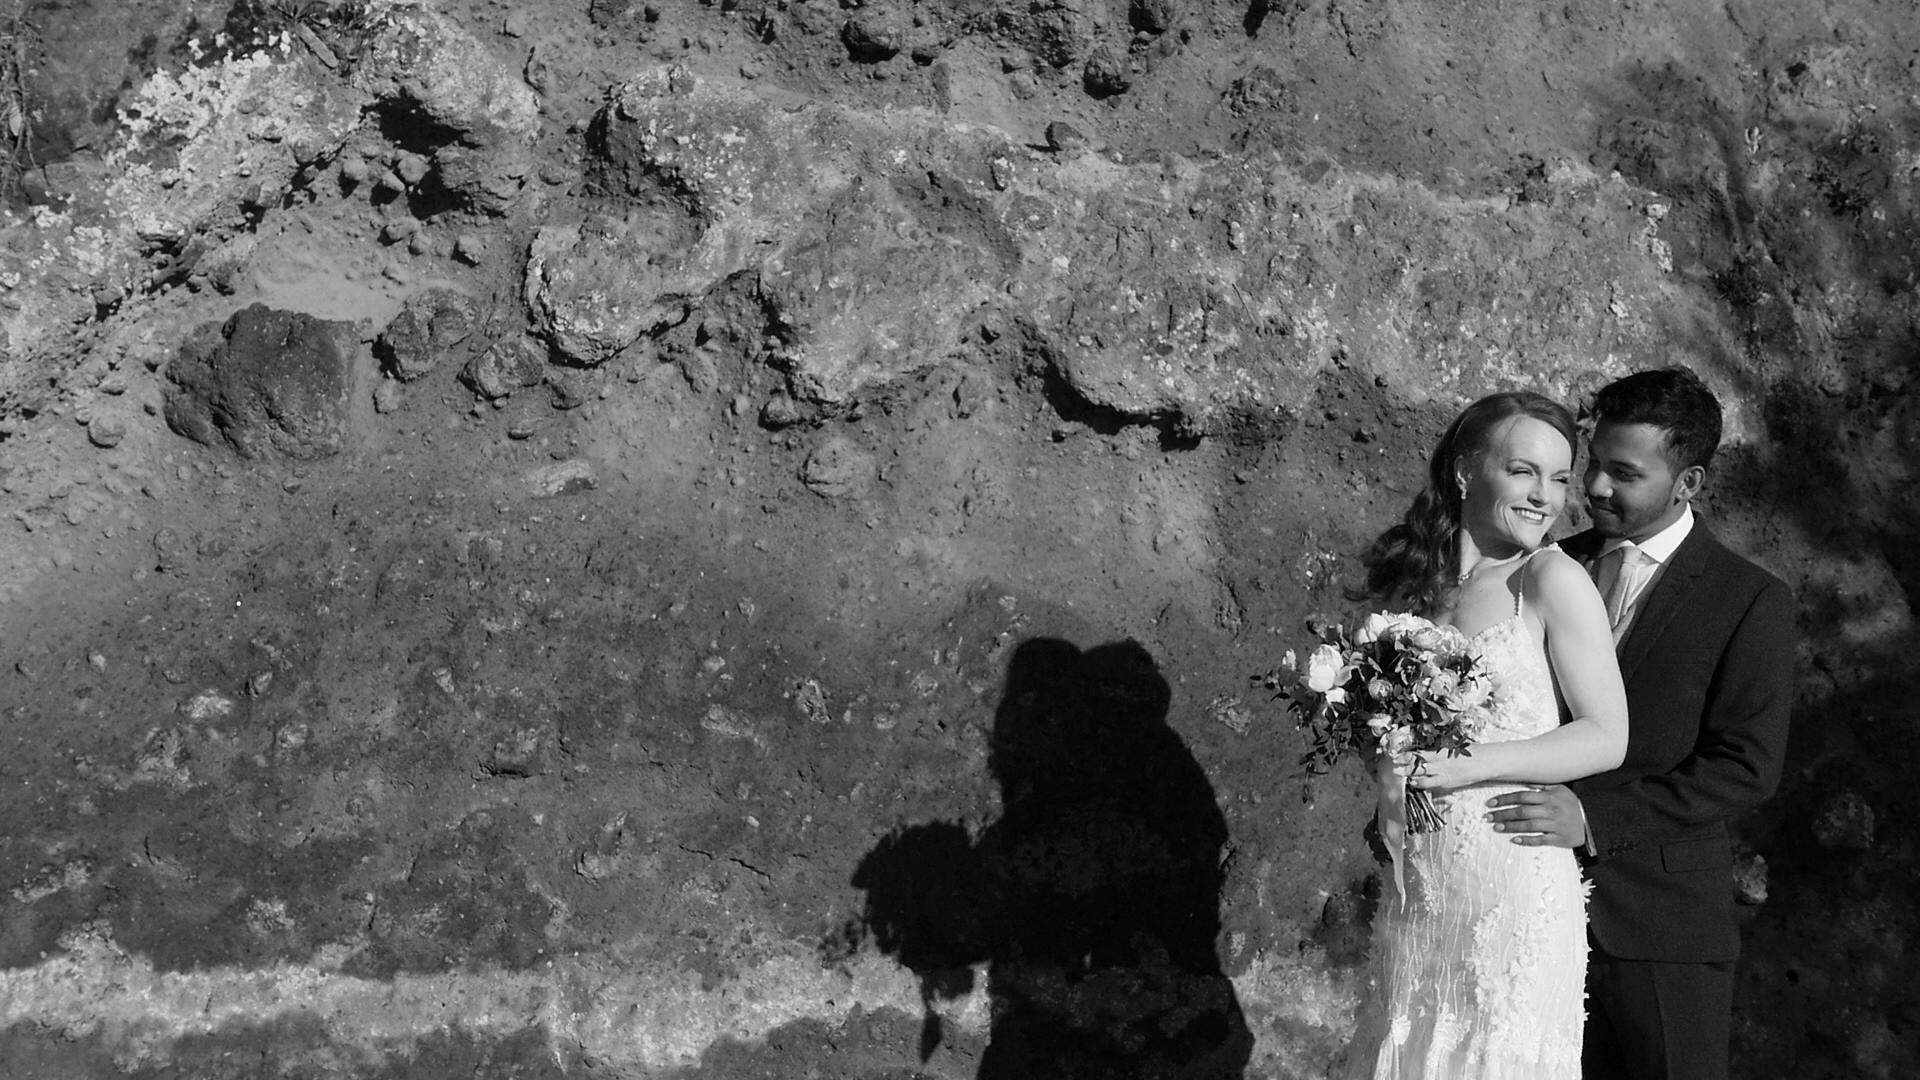 matrimonio_borgo_di_tragliata_katie_dane.png